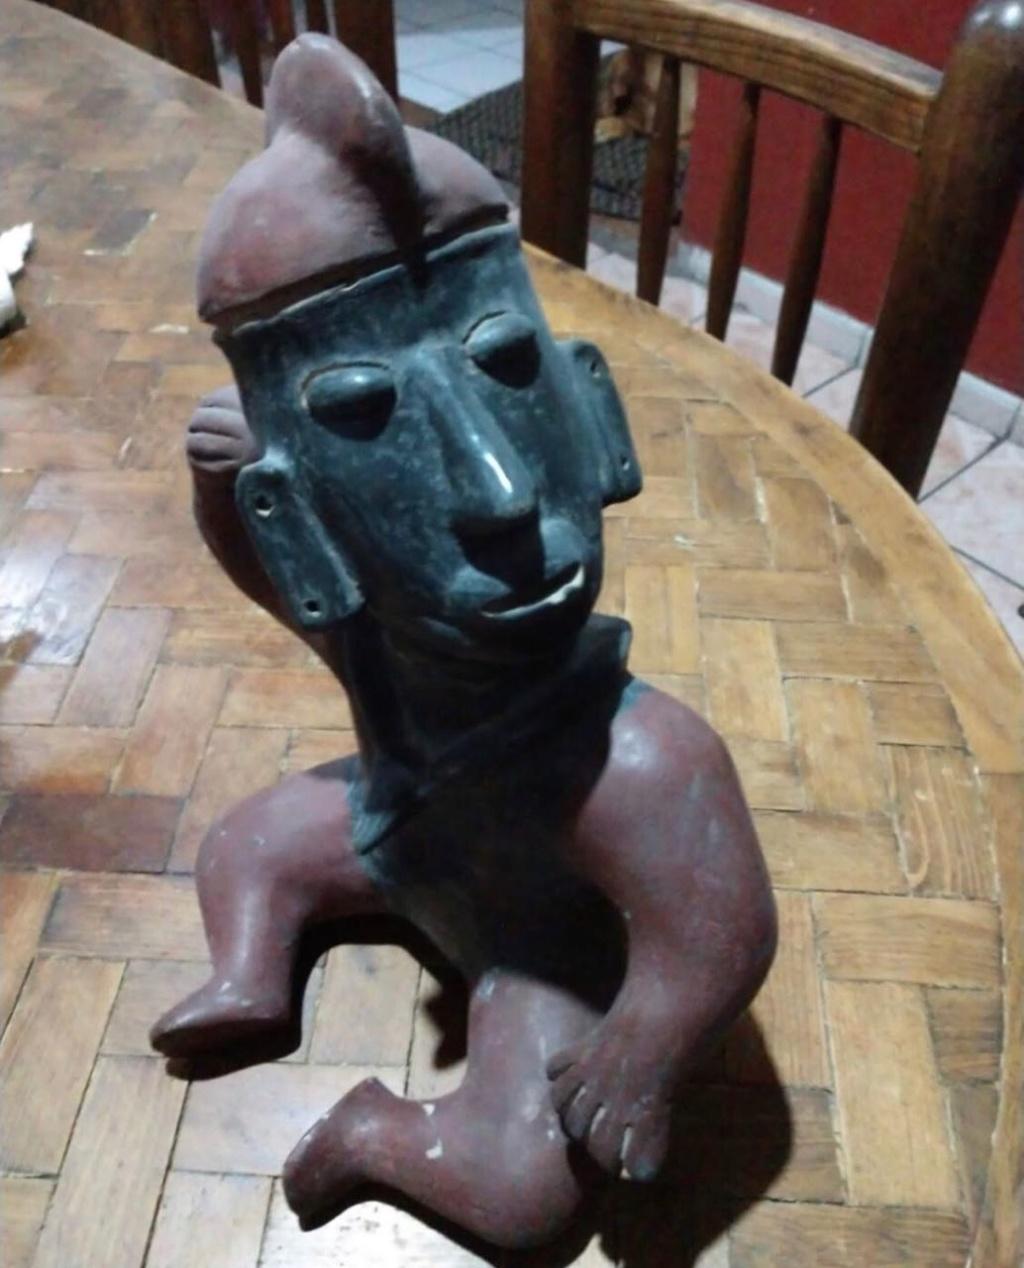 Ayuda identificacion piezas arqueologicas 6e9bb410